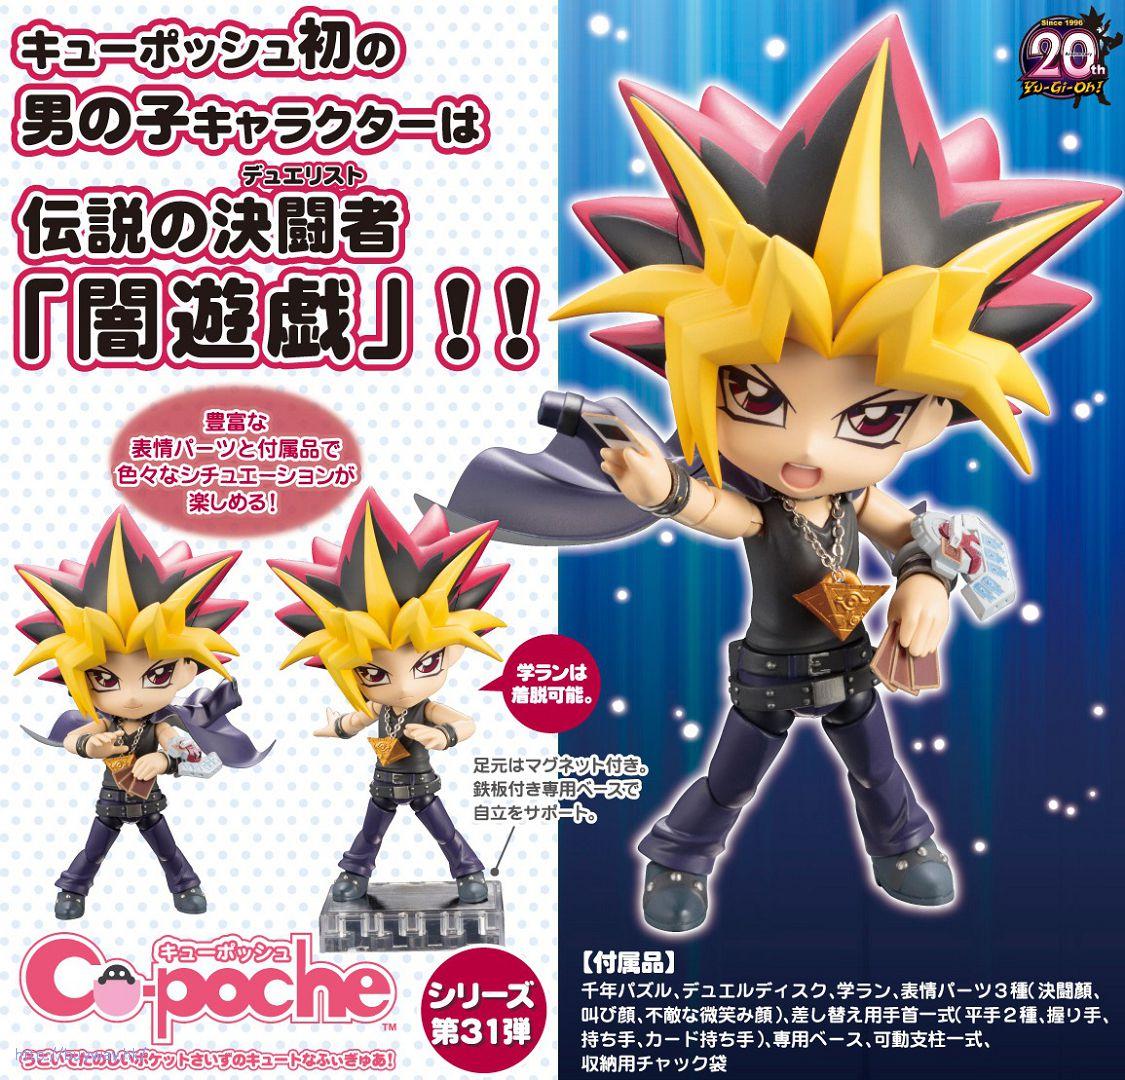 遊戲王 「武藤遊戲 (闇遊戲)」Cu-poche 可動 Cu-poche Yamiyugi【Yu-Gi-Oh!】